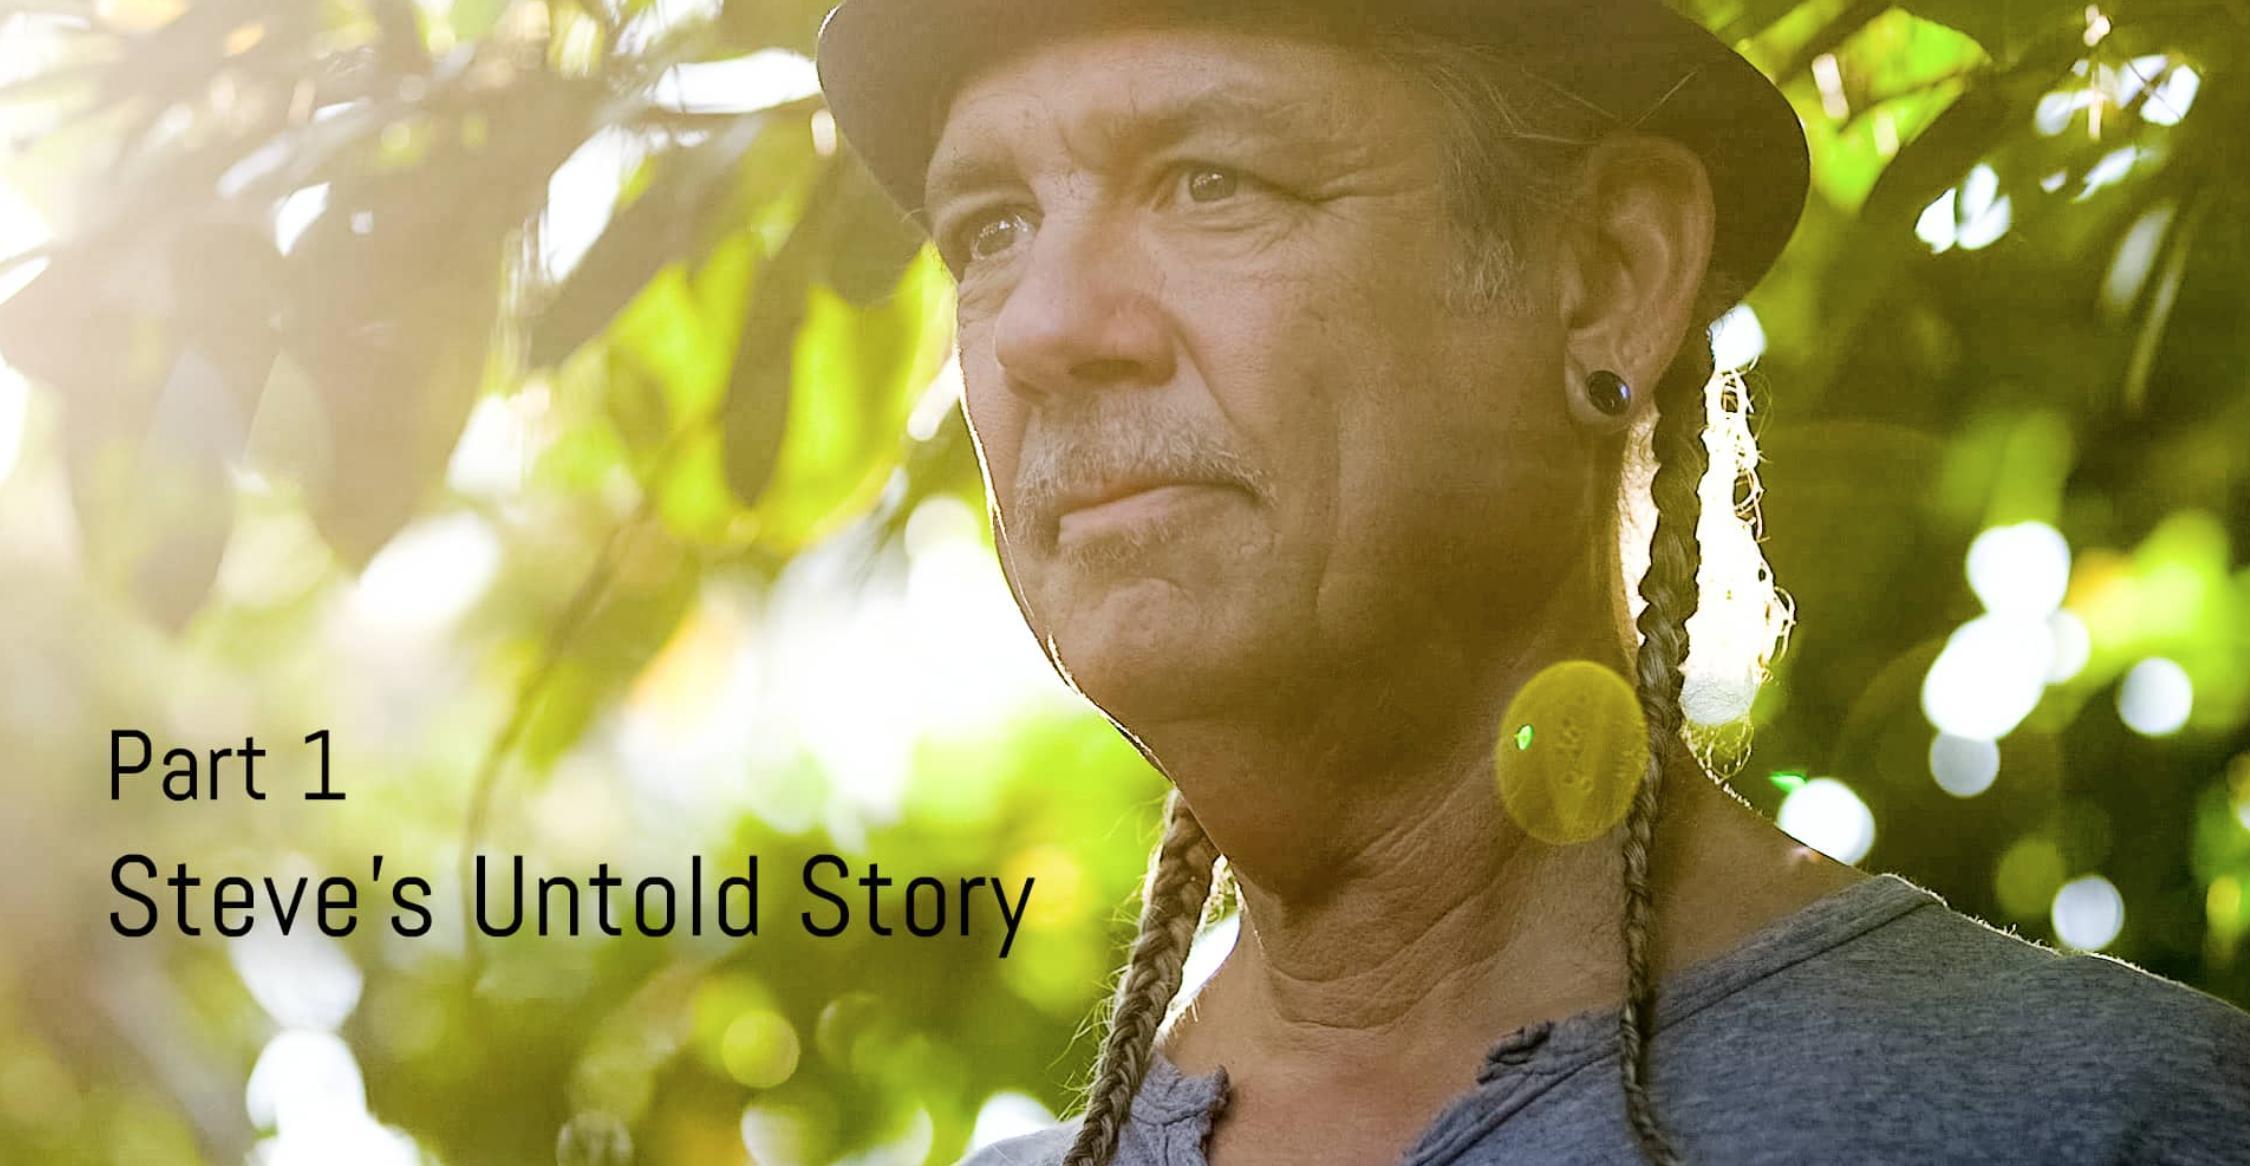 WATCH: Legendary Marijuana Activist, Steve DeAngelo's Untold Story